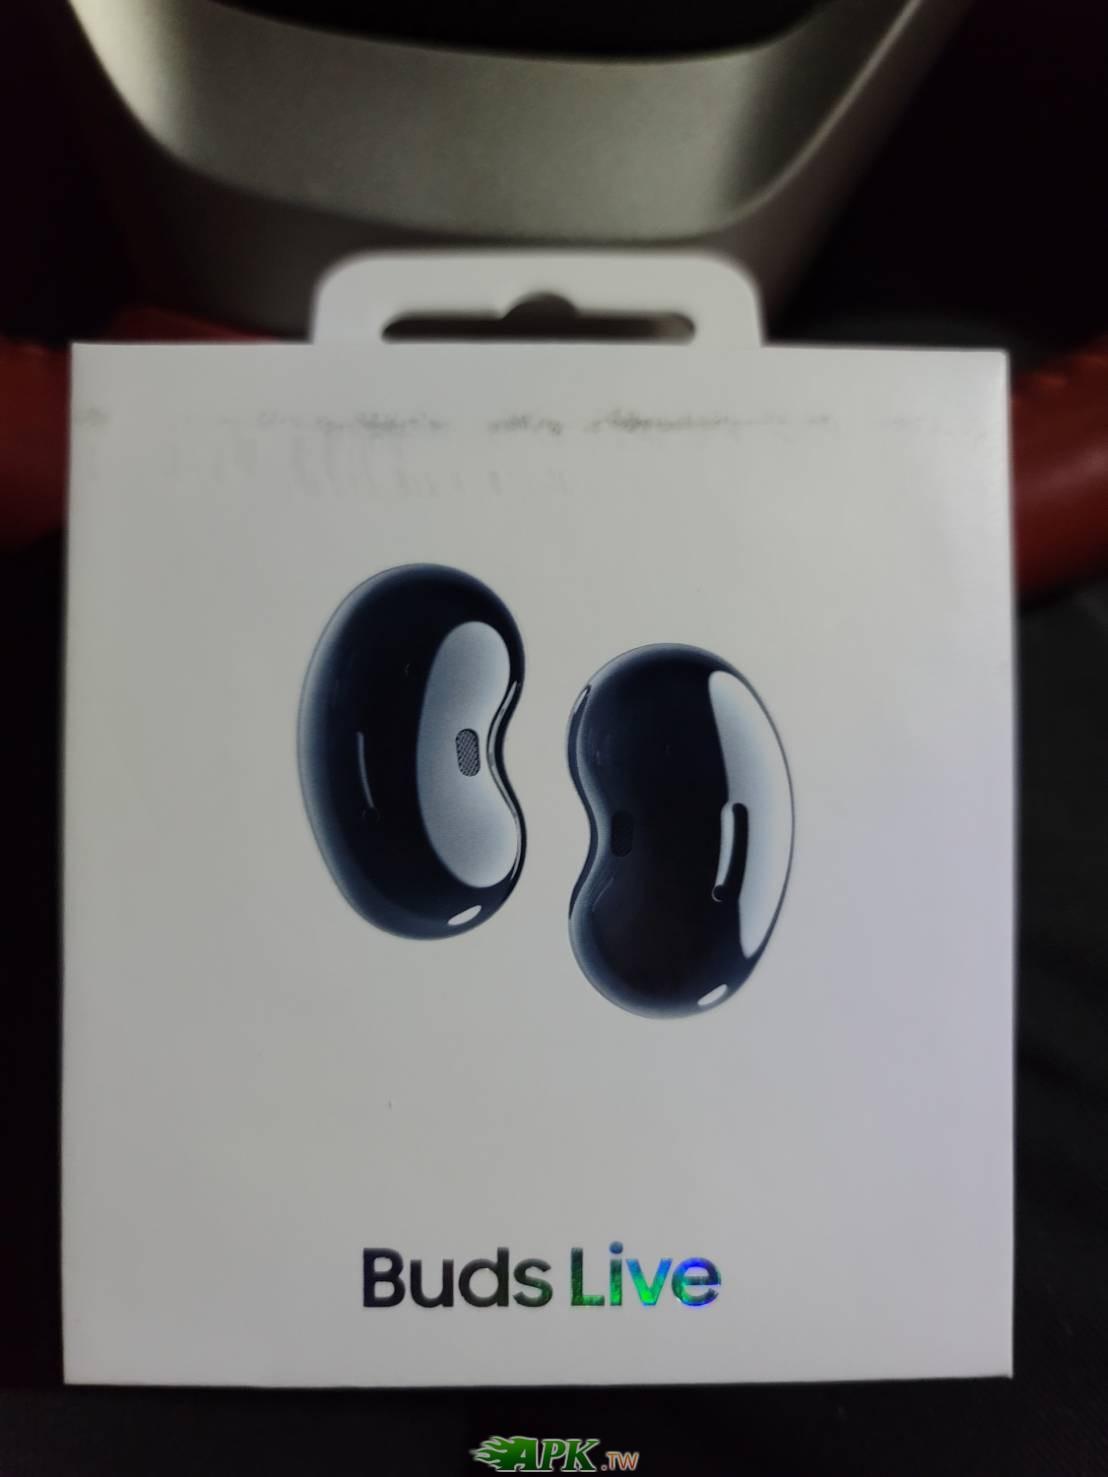 Galaxy Buds Live (黑色) 可以議價 10/16更新價格5000